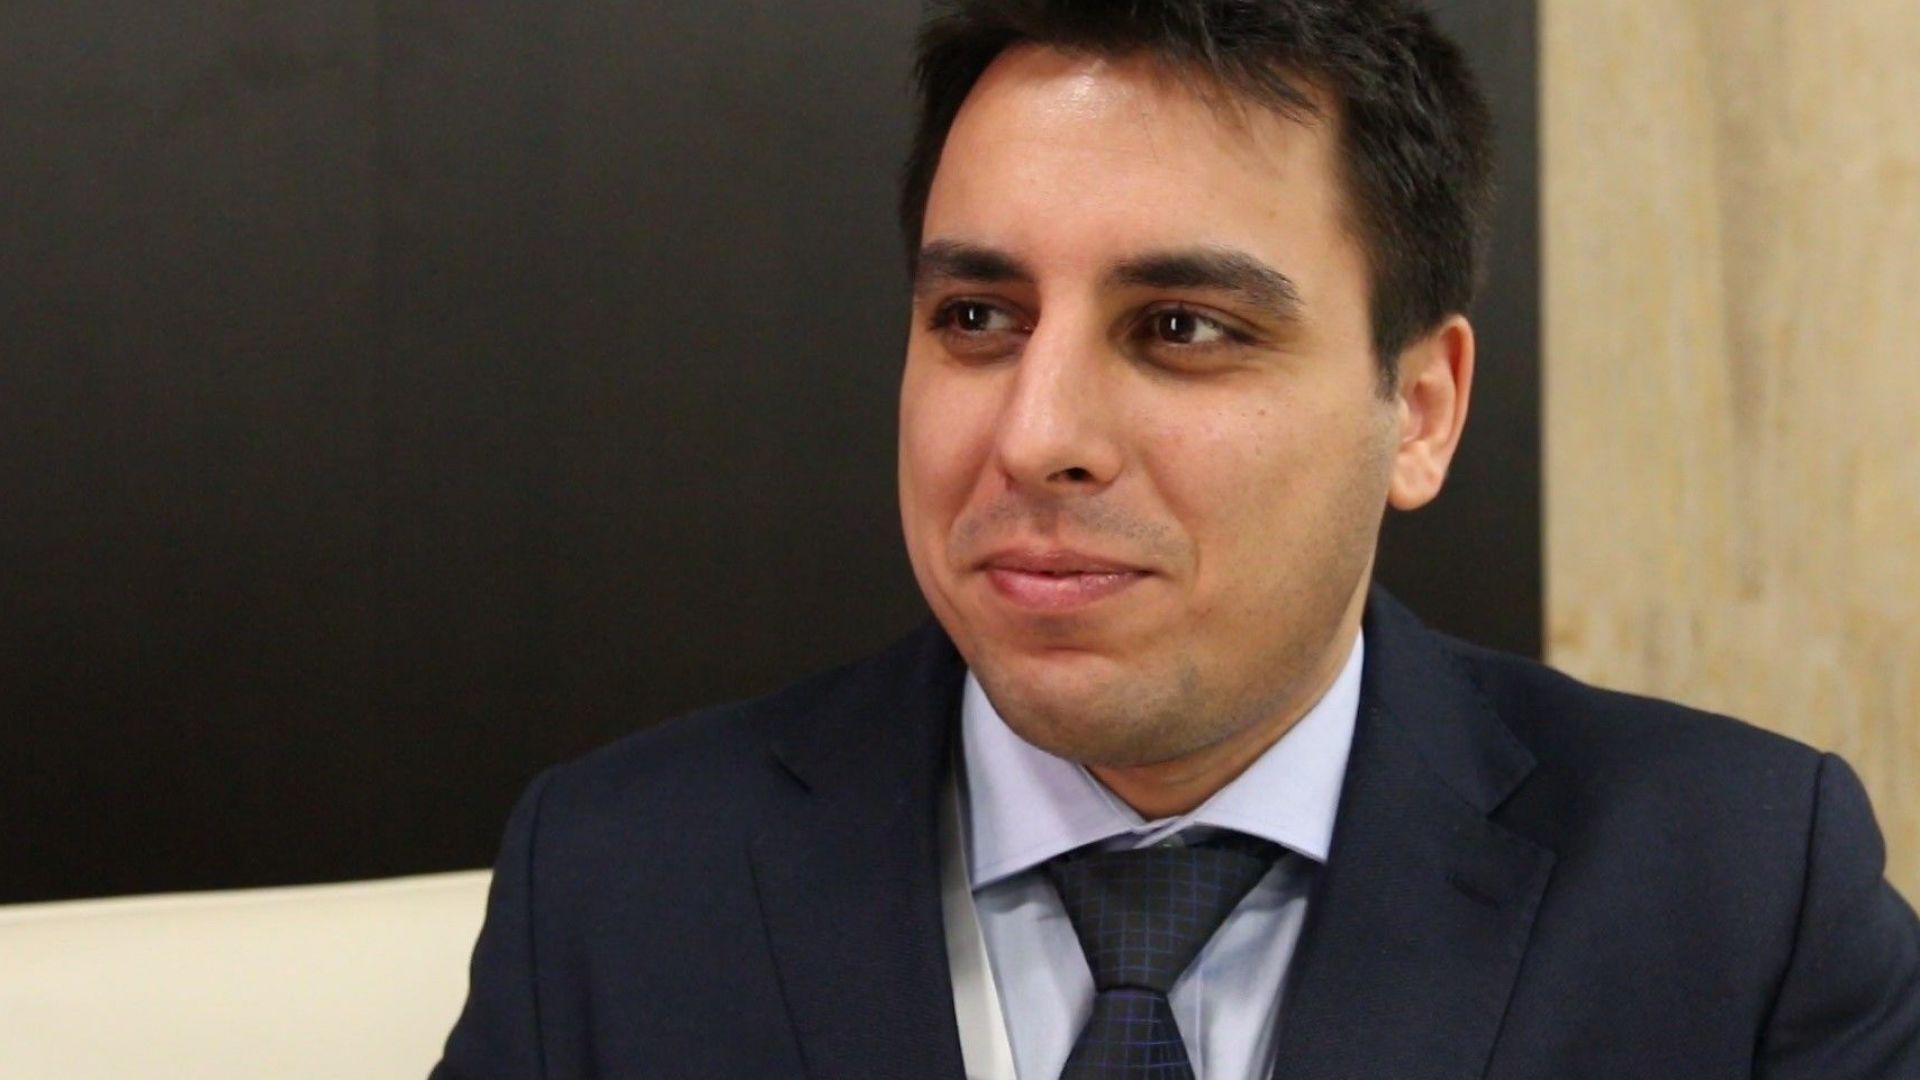 Калоян Буковски: Нивото на дигитализация в България е доста слабо, има какво да направим